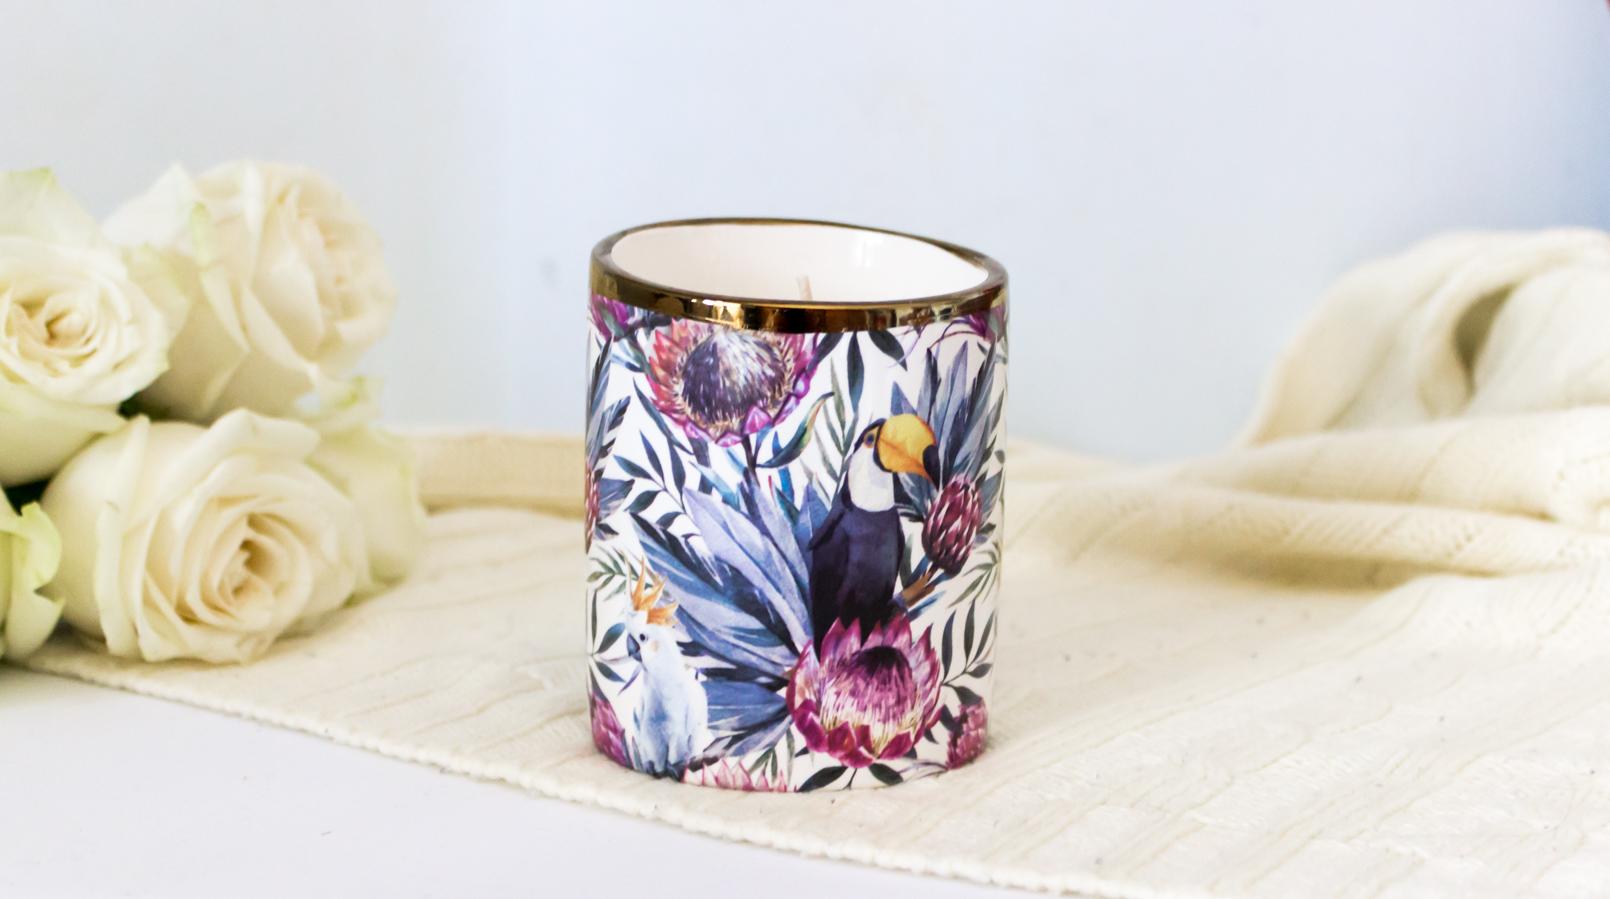 Le Fashionaire Candle light tropical toucans flowers primark candle 5416F EN